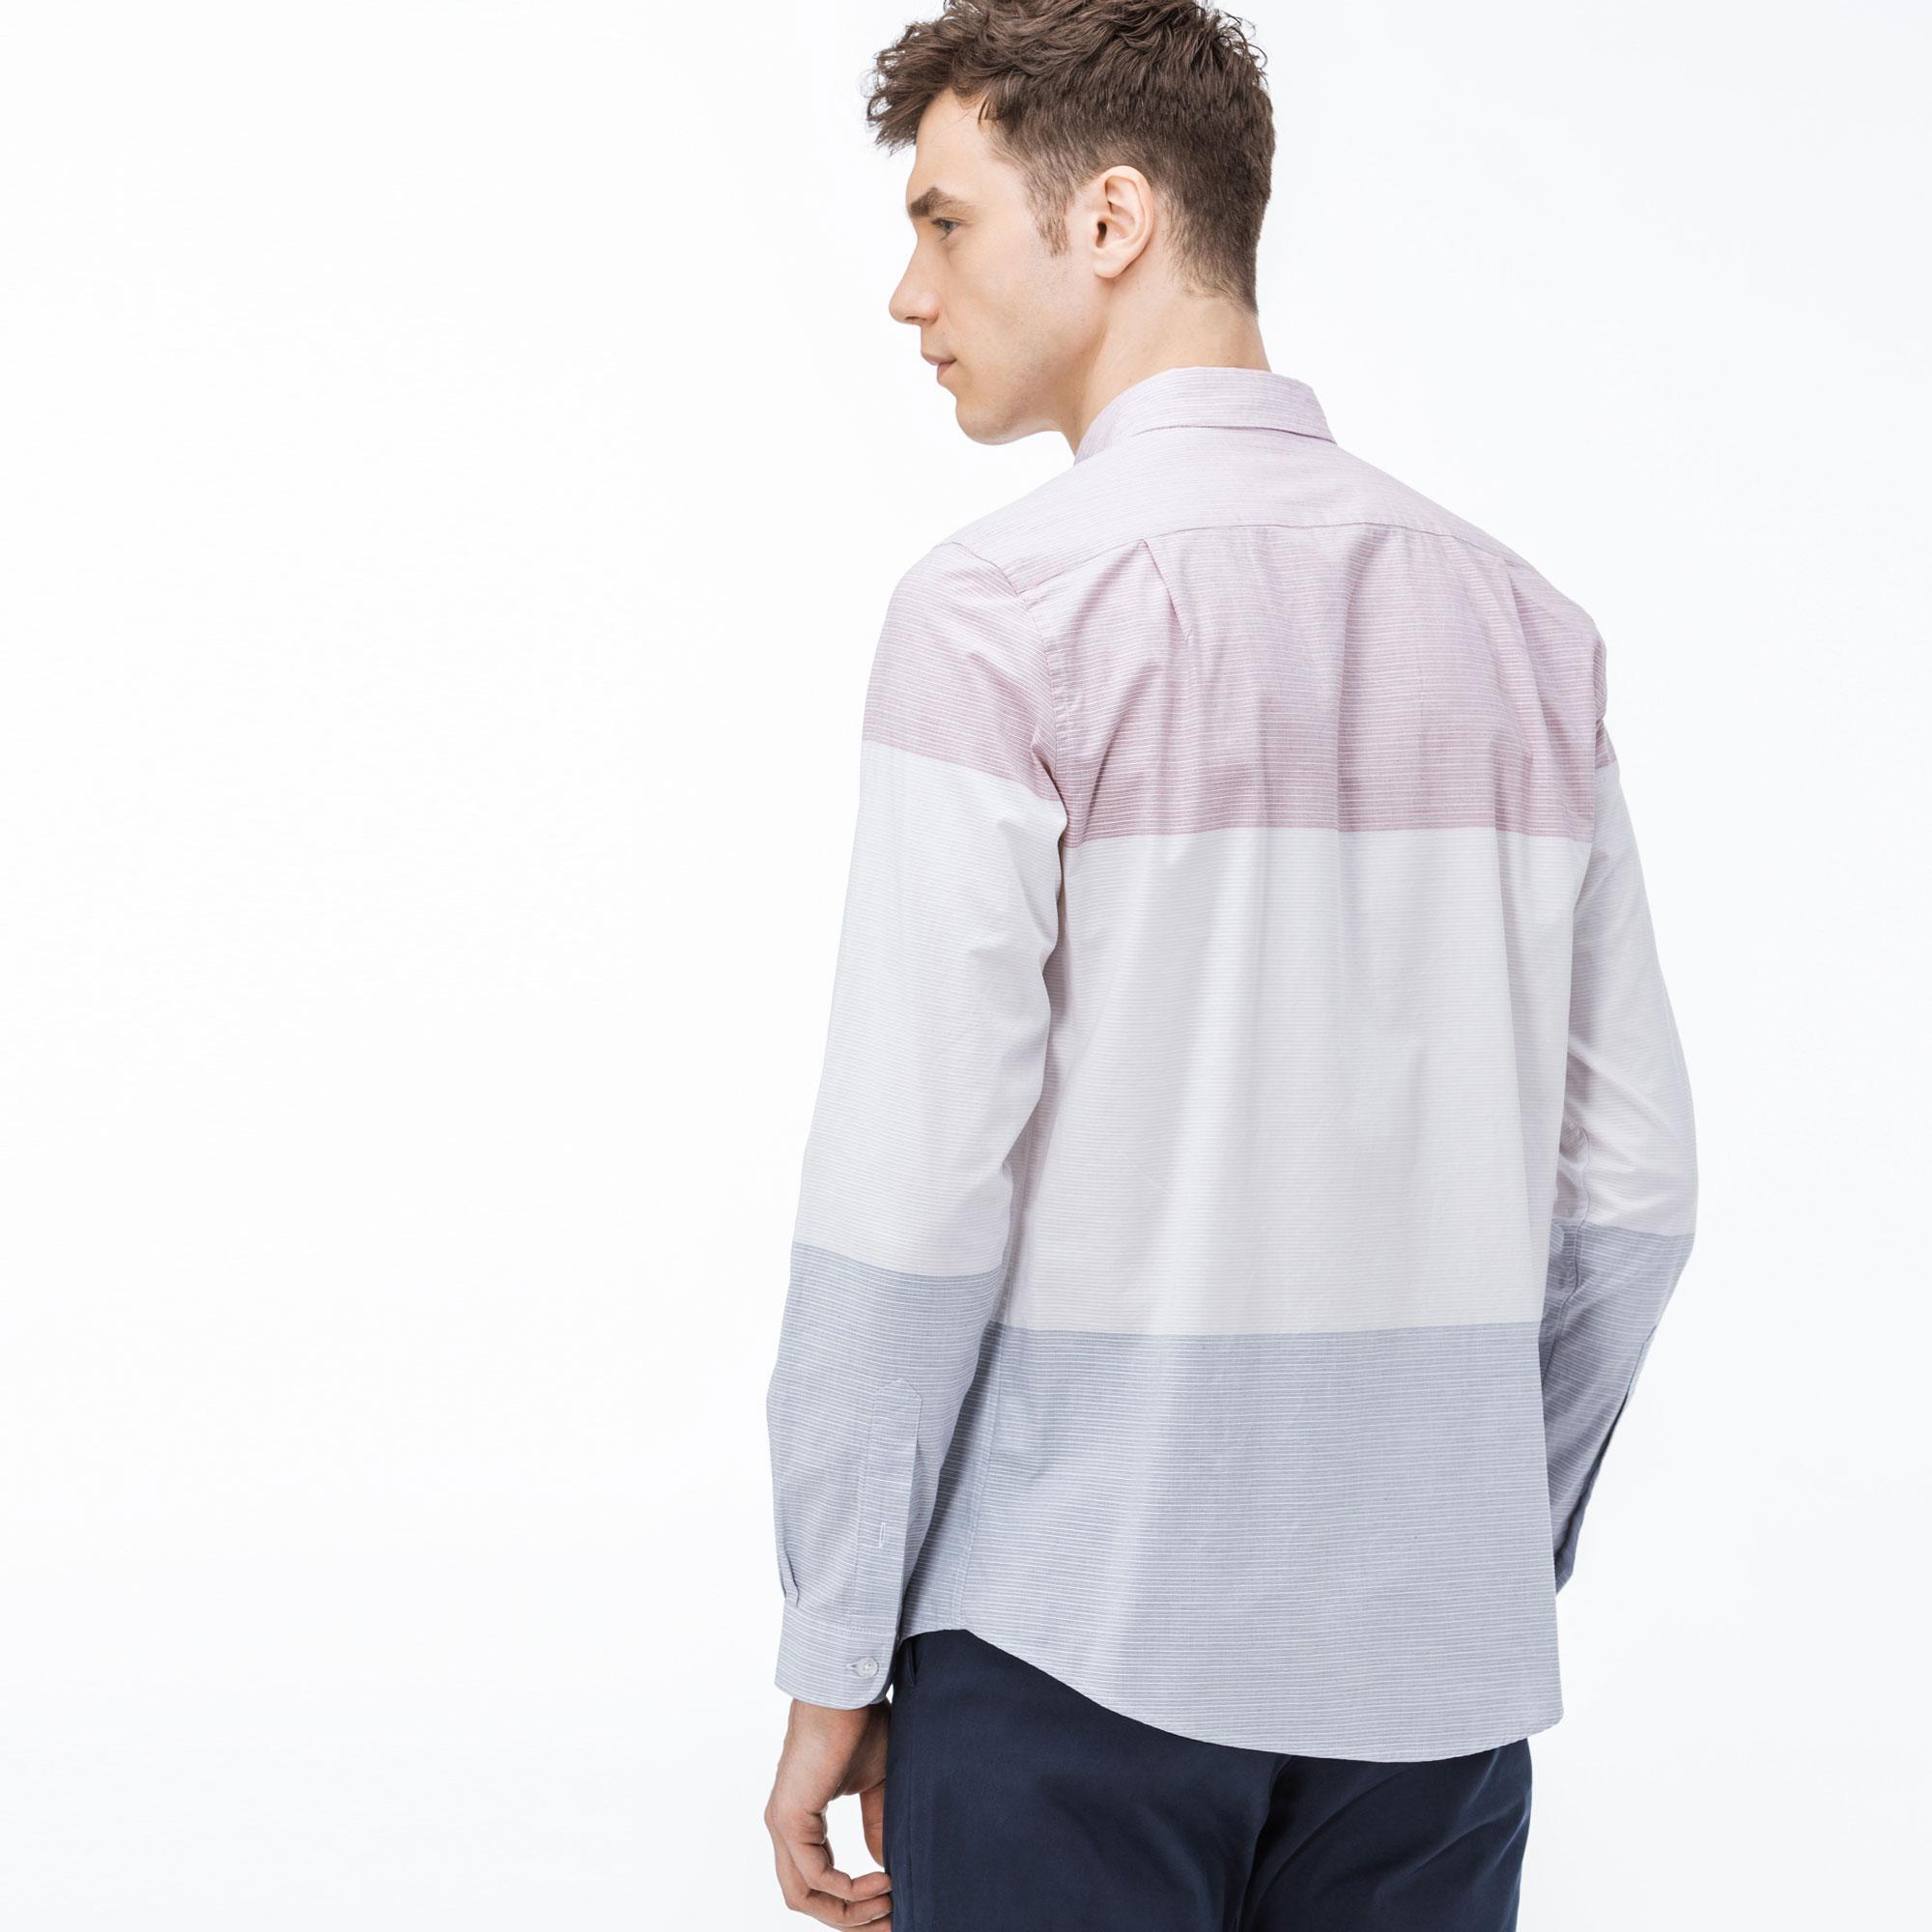 Lacoste Erkek Slim Fit Blok Desenli Renkli Gömlek